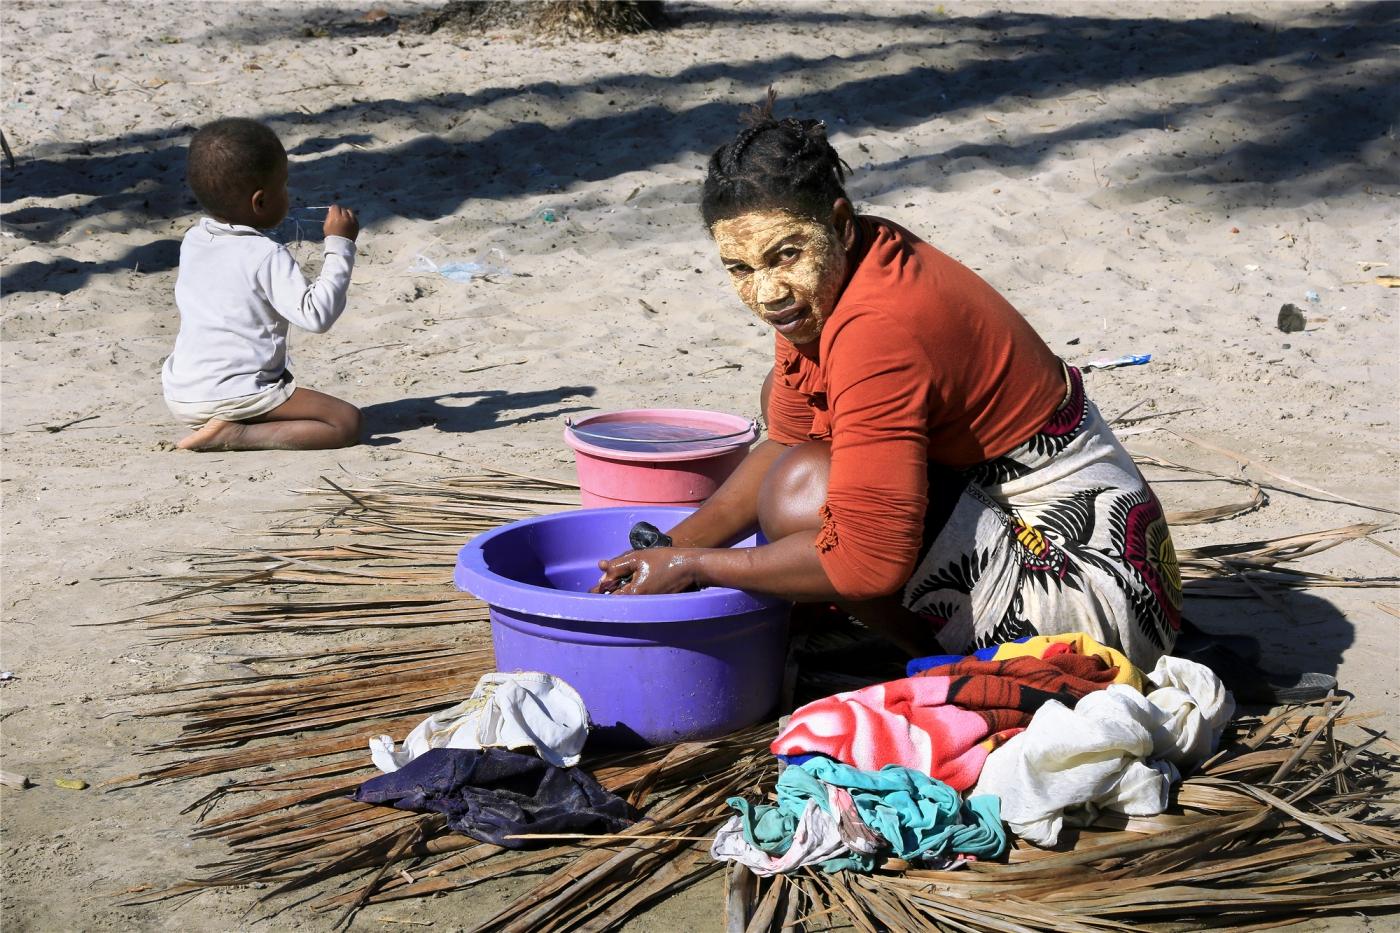 【原创实拍】黑色脸谱  ——行摄南部非洲(人像篇)_图1-29